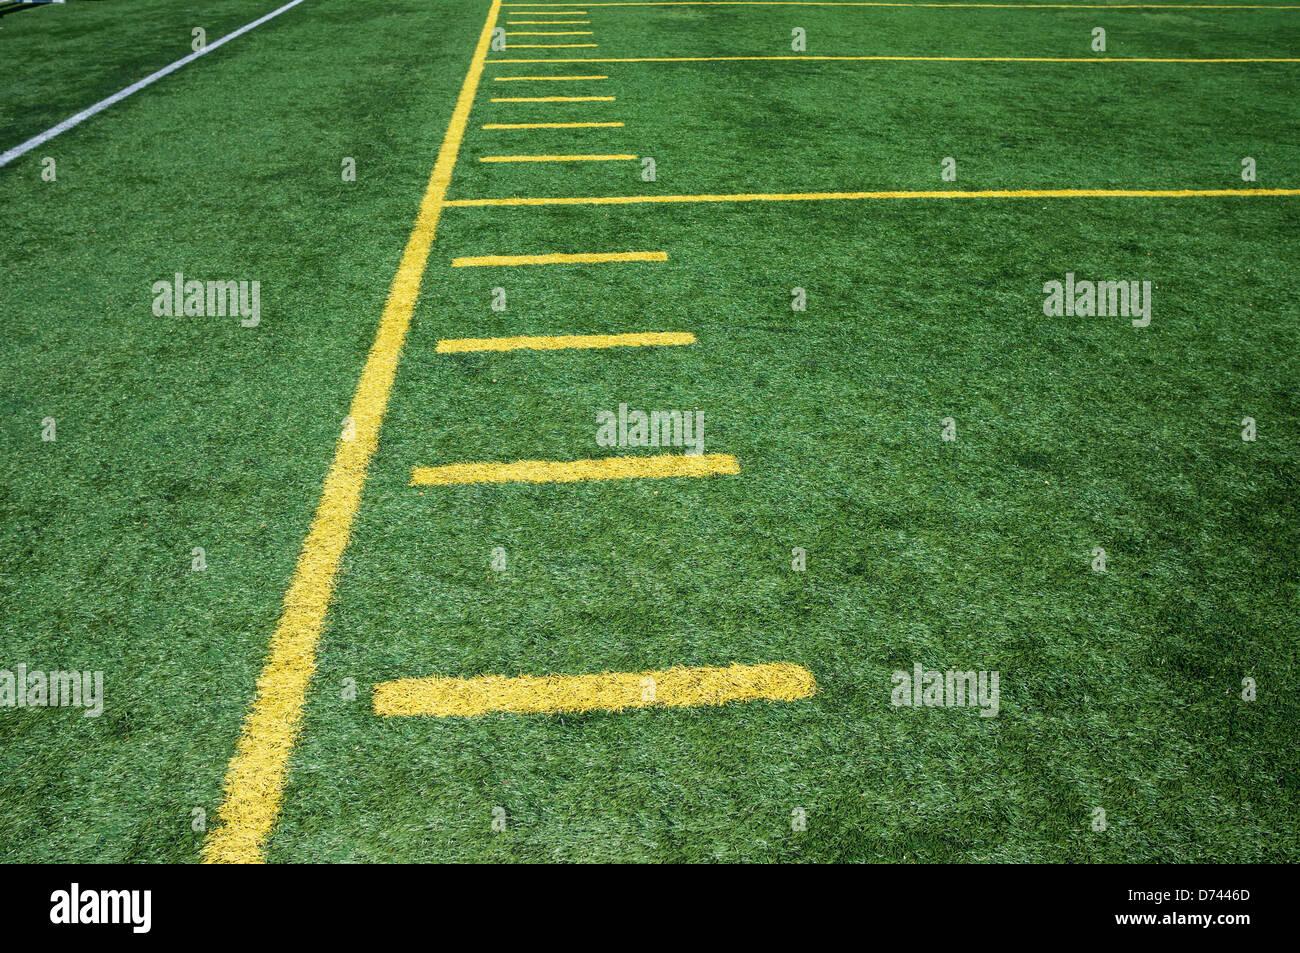 L'écart sur le football américain sur le terrain en gazon artificiel avec marques de hachage. Photo Stock